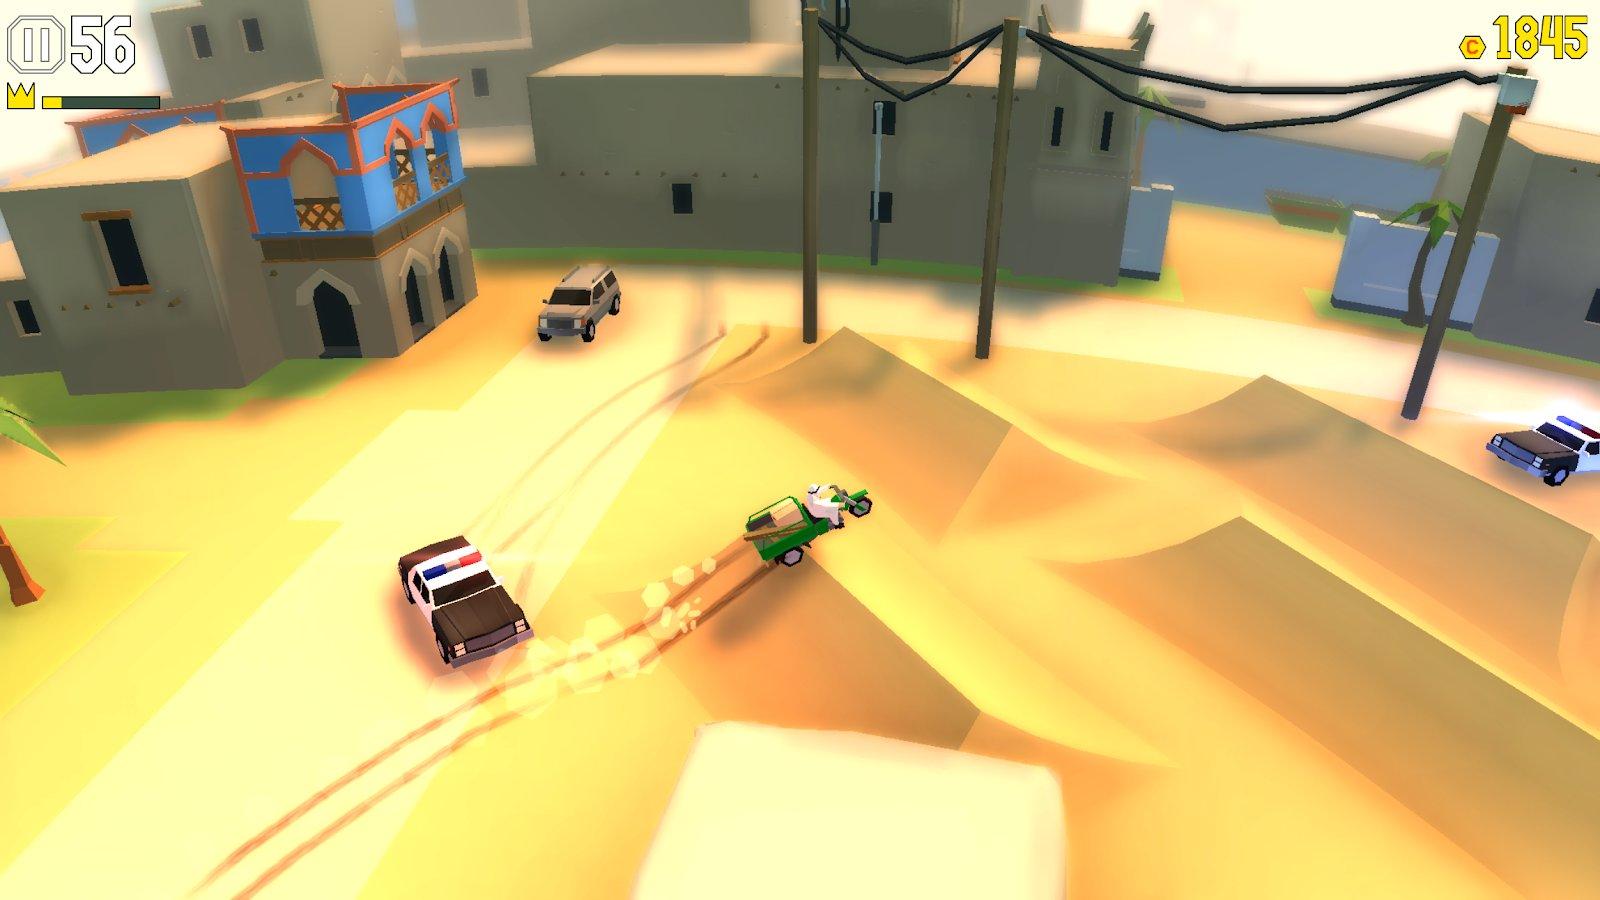 Скачать Reckless Racing 2 1.0.4 на андроид …